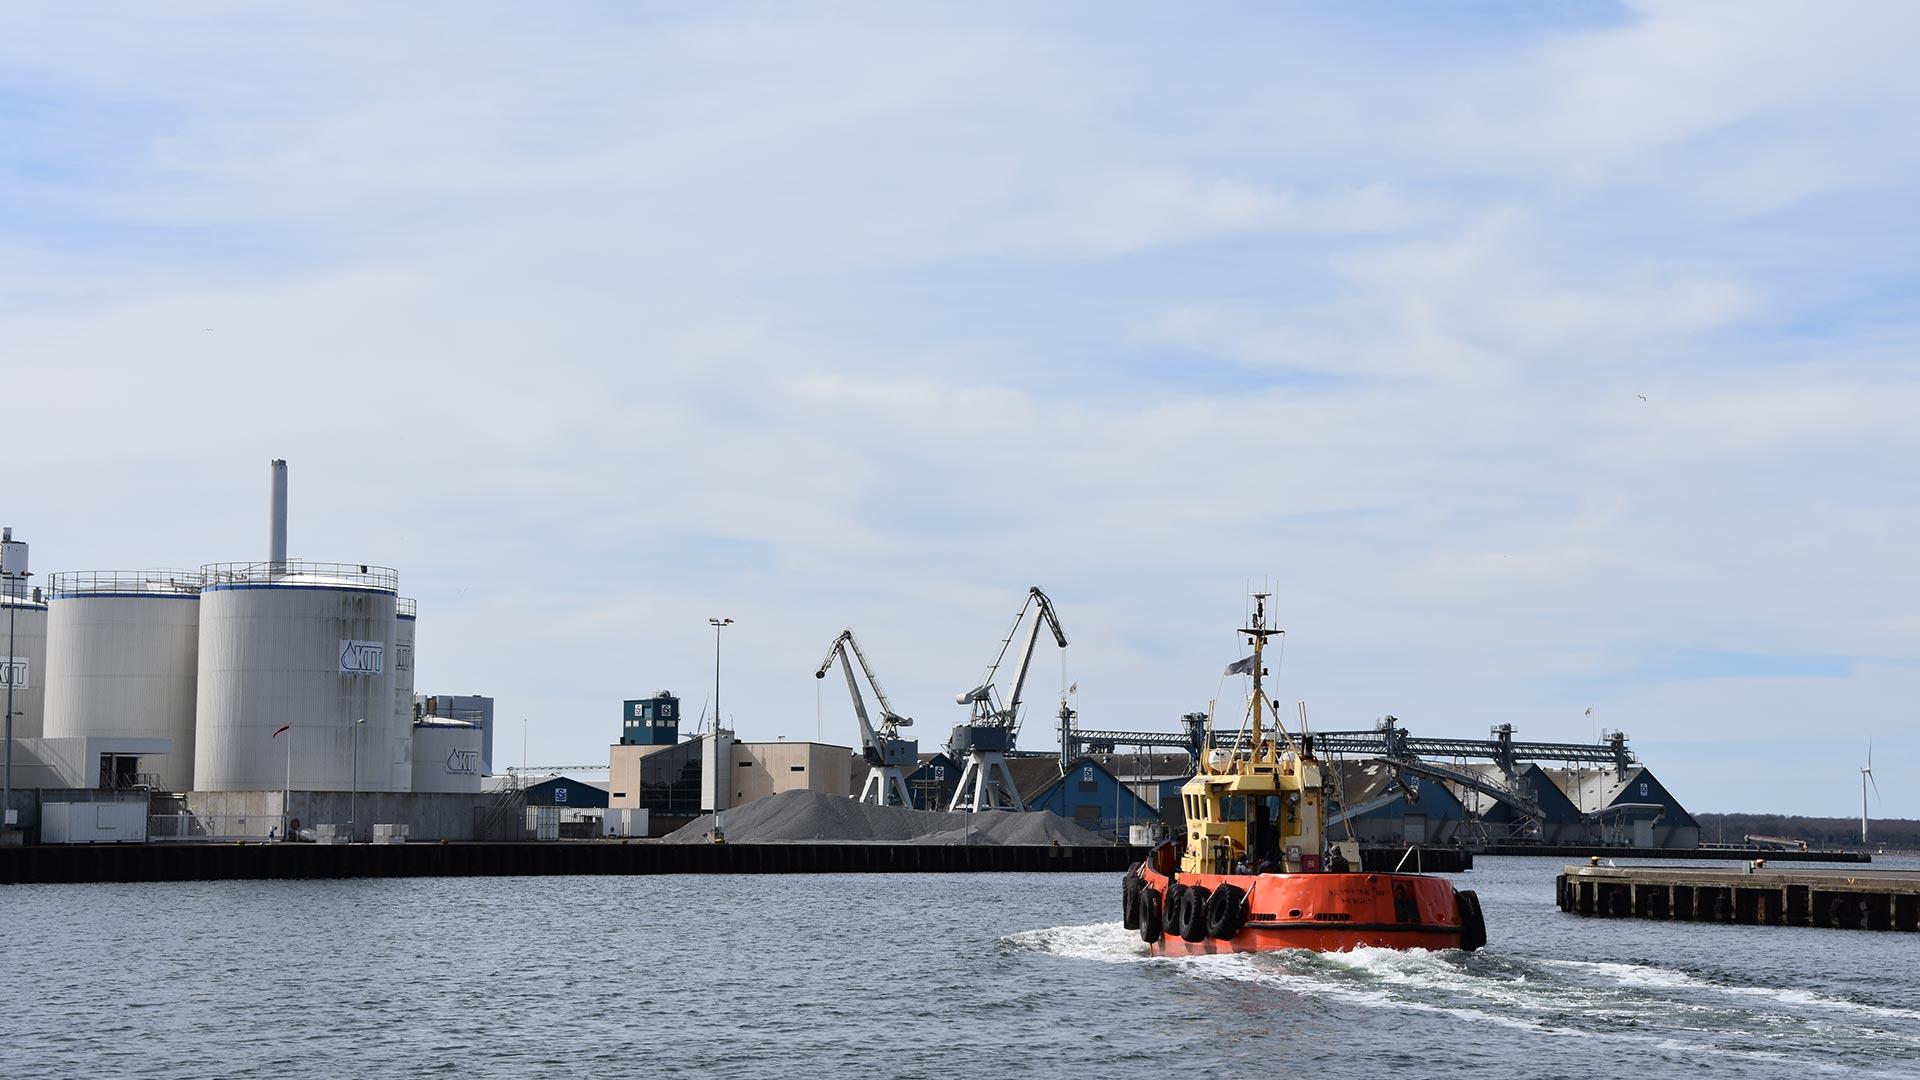 Zukunftsweisend umweltfreundlich: Industrie der Zukunft im Vorzeigeprojekt in Kalundborg in Dänemark